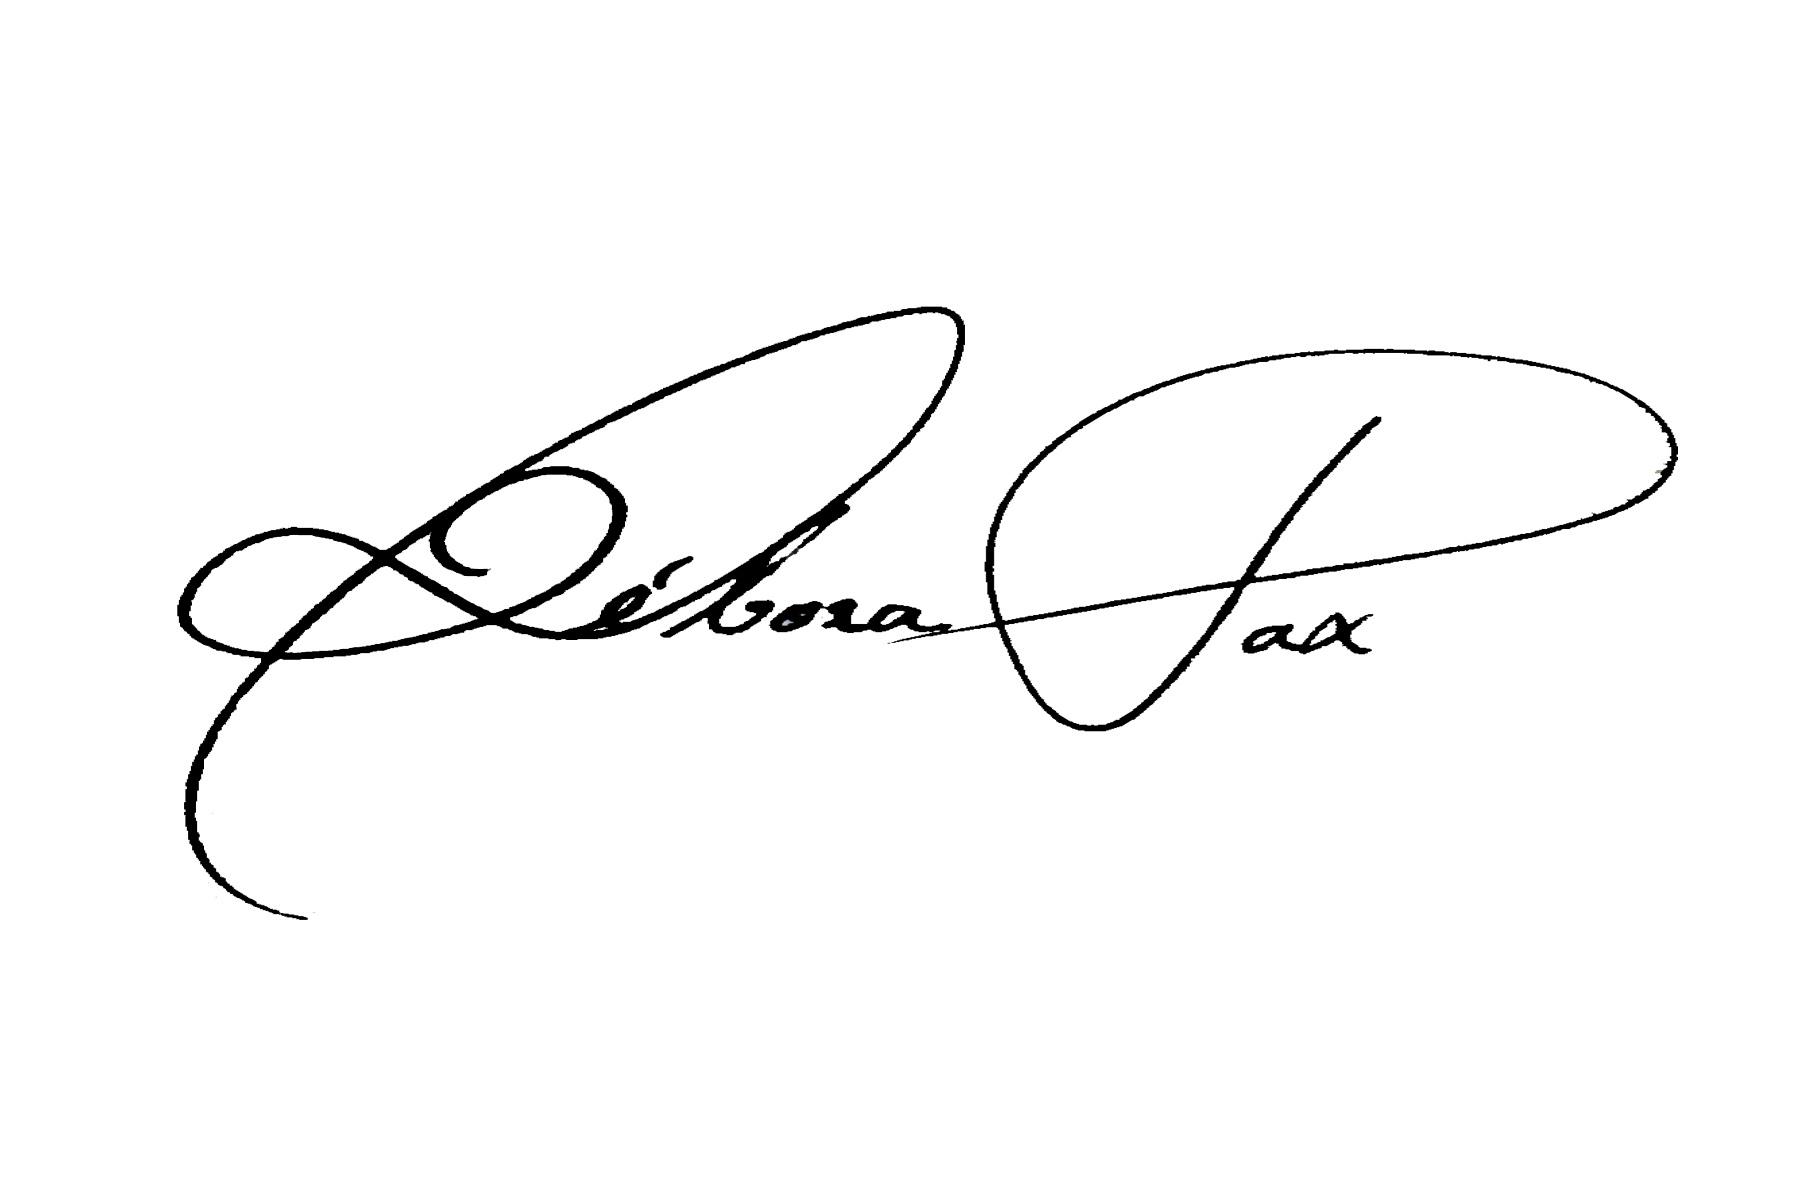 Débora Pax Signature